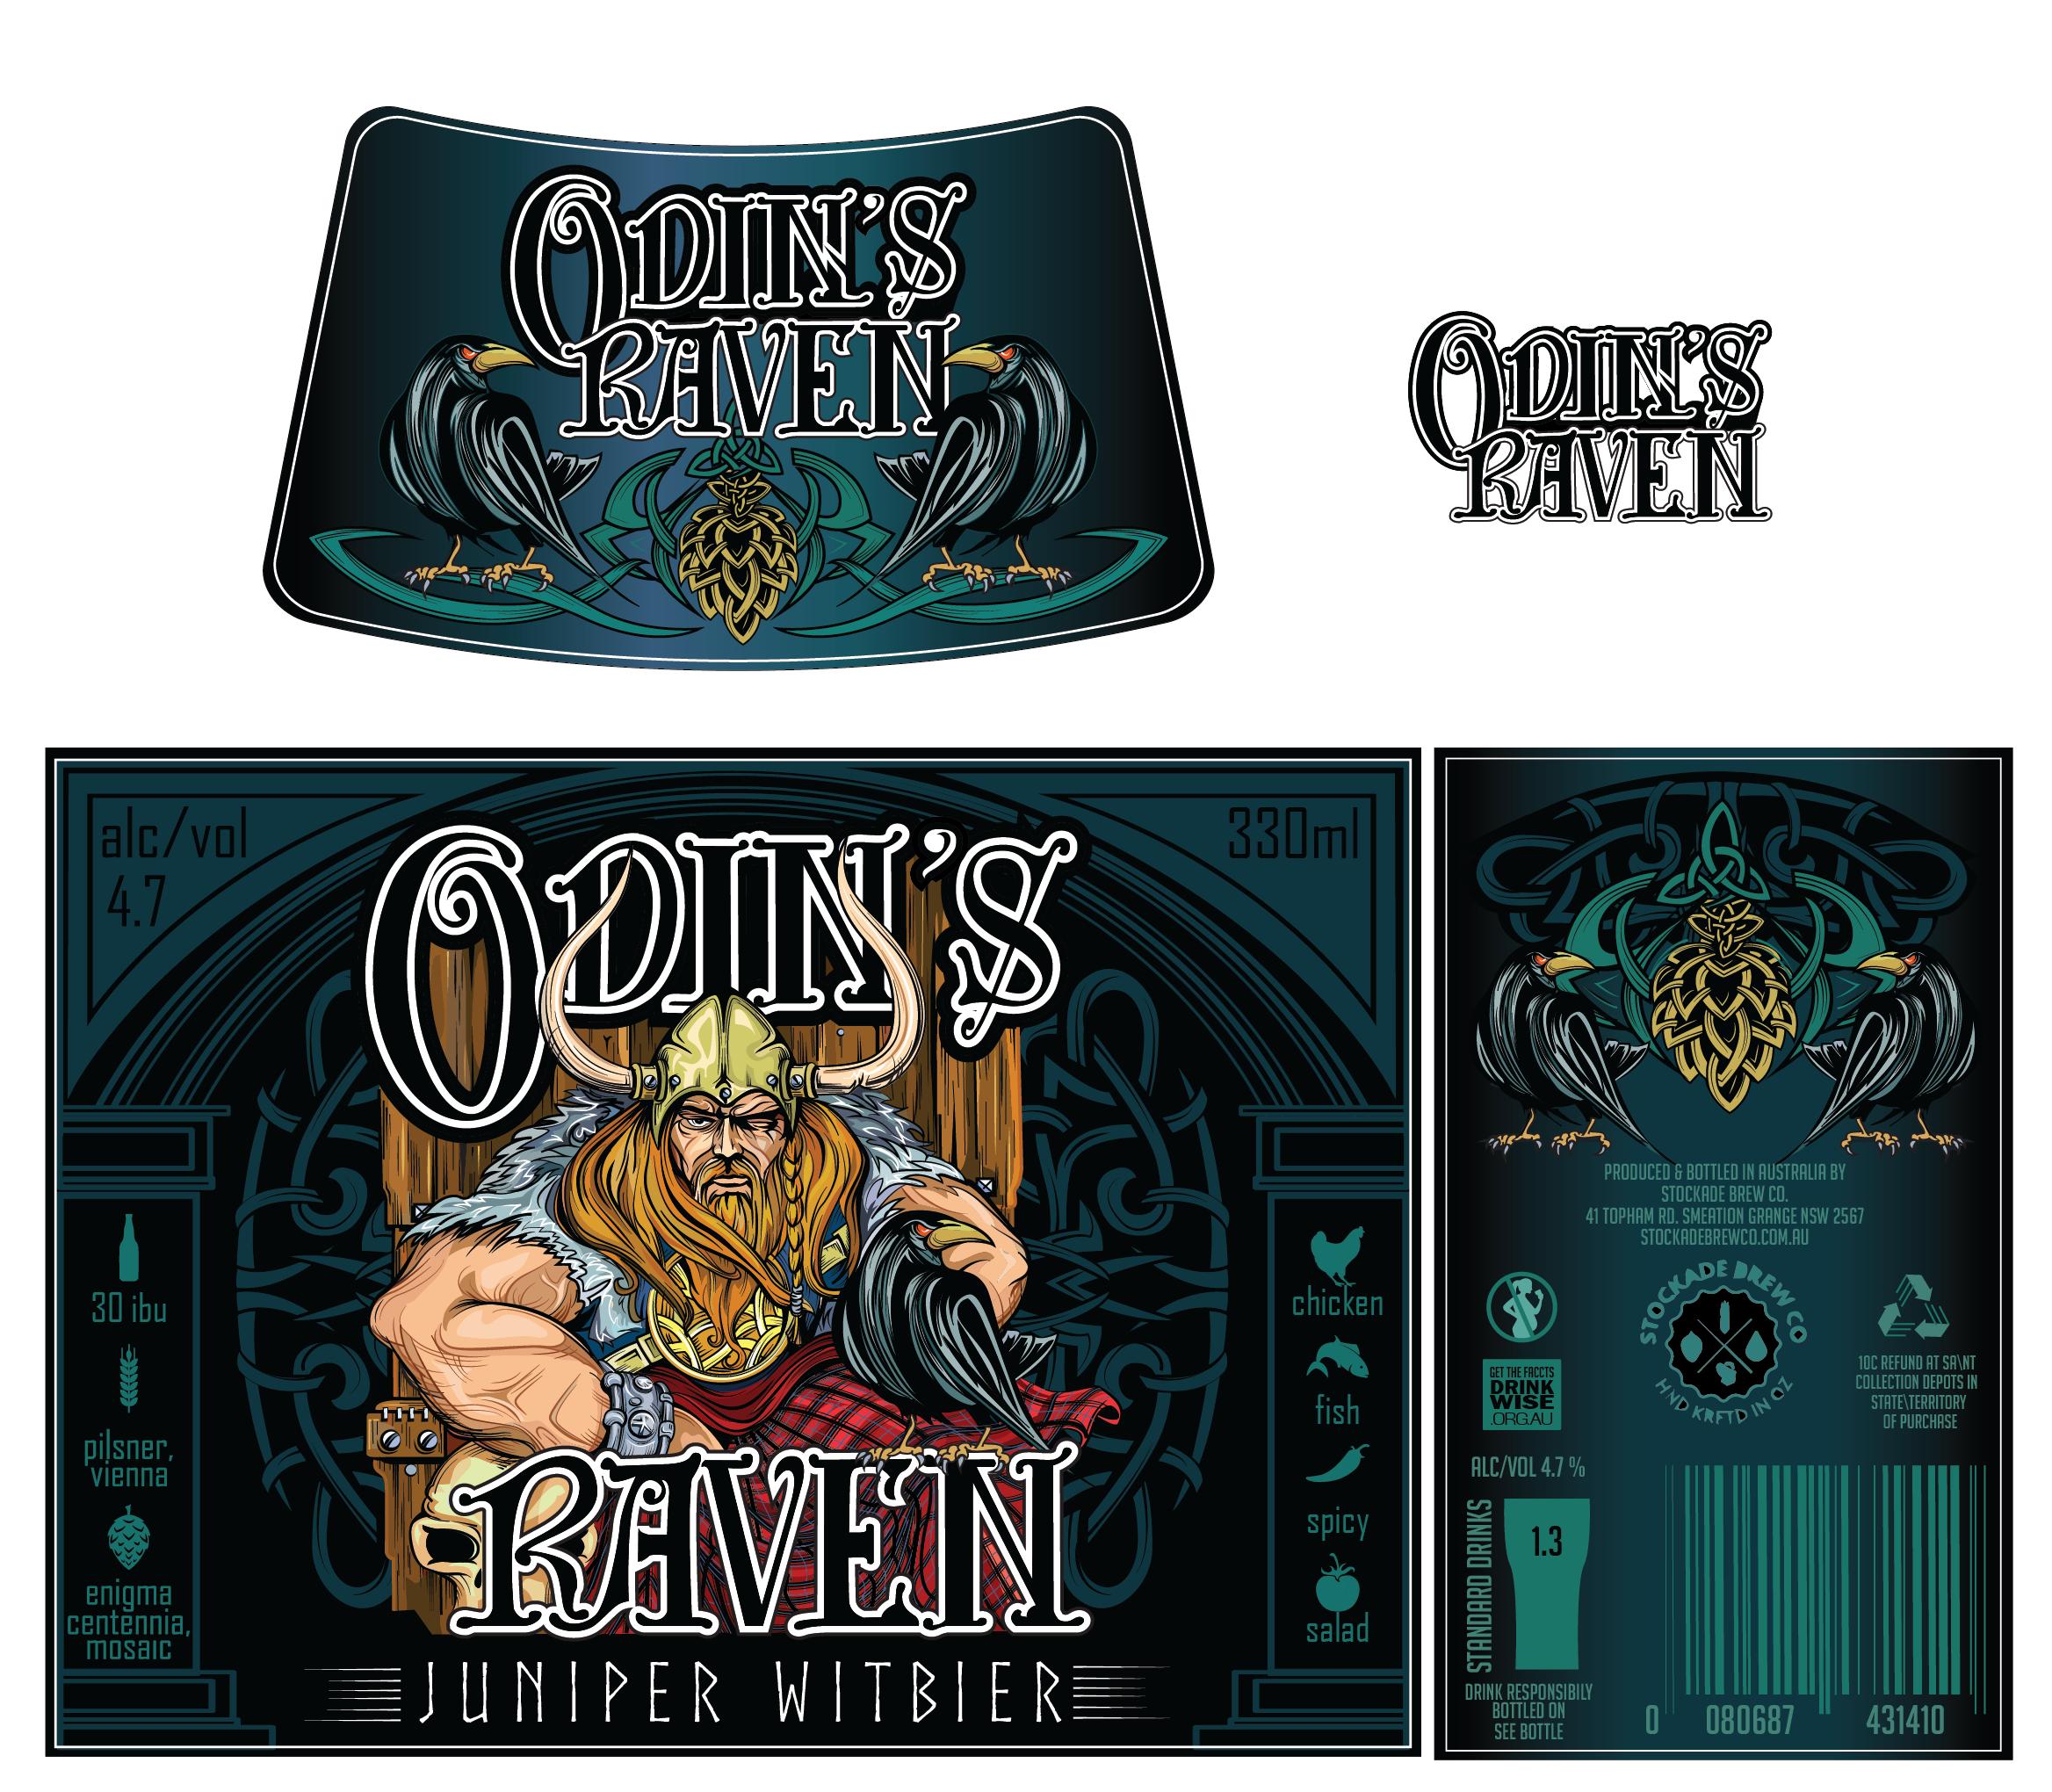 Design A Viking Beer Label